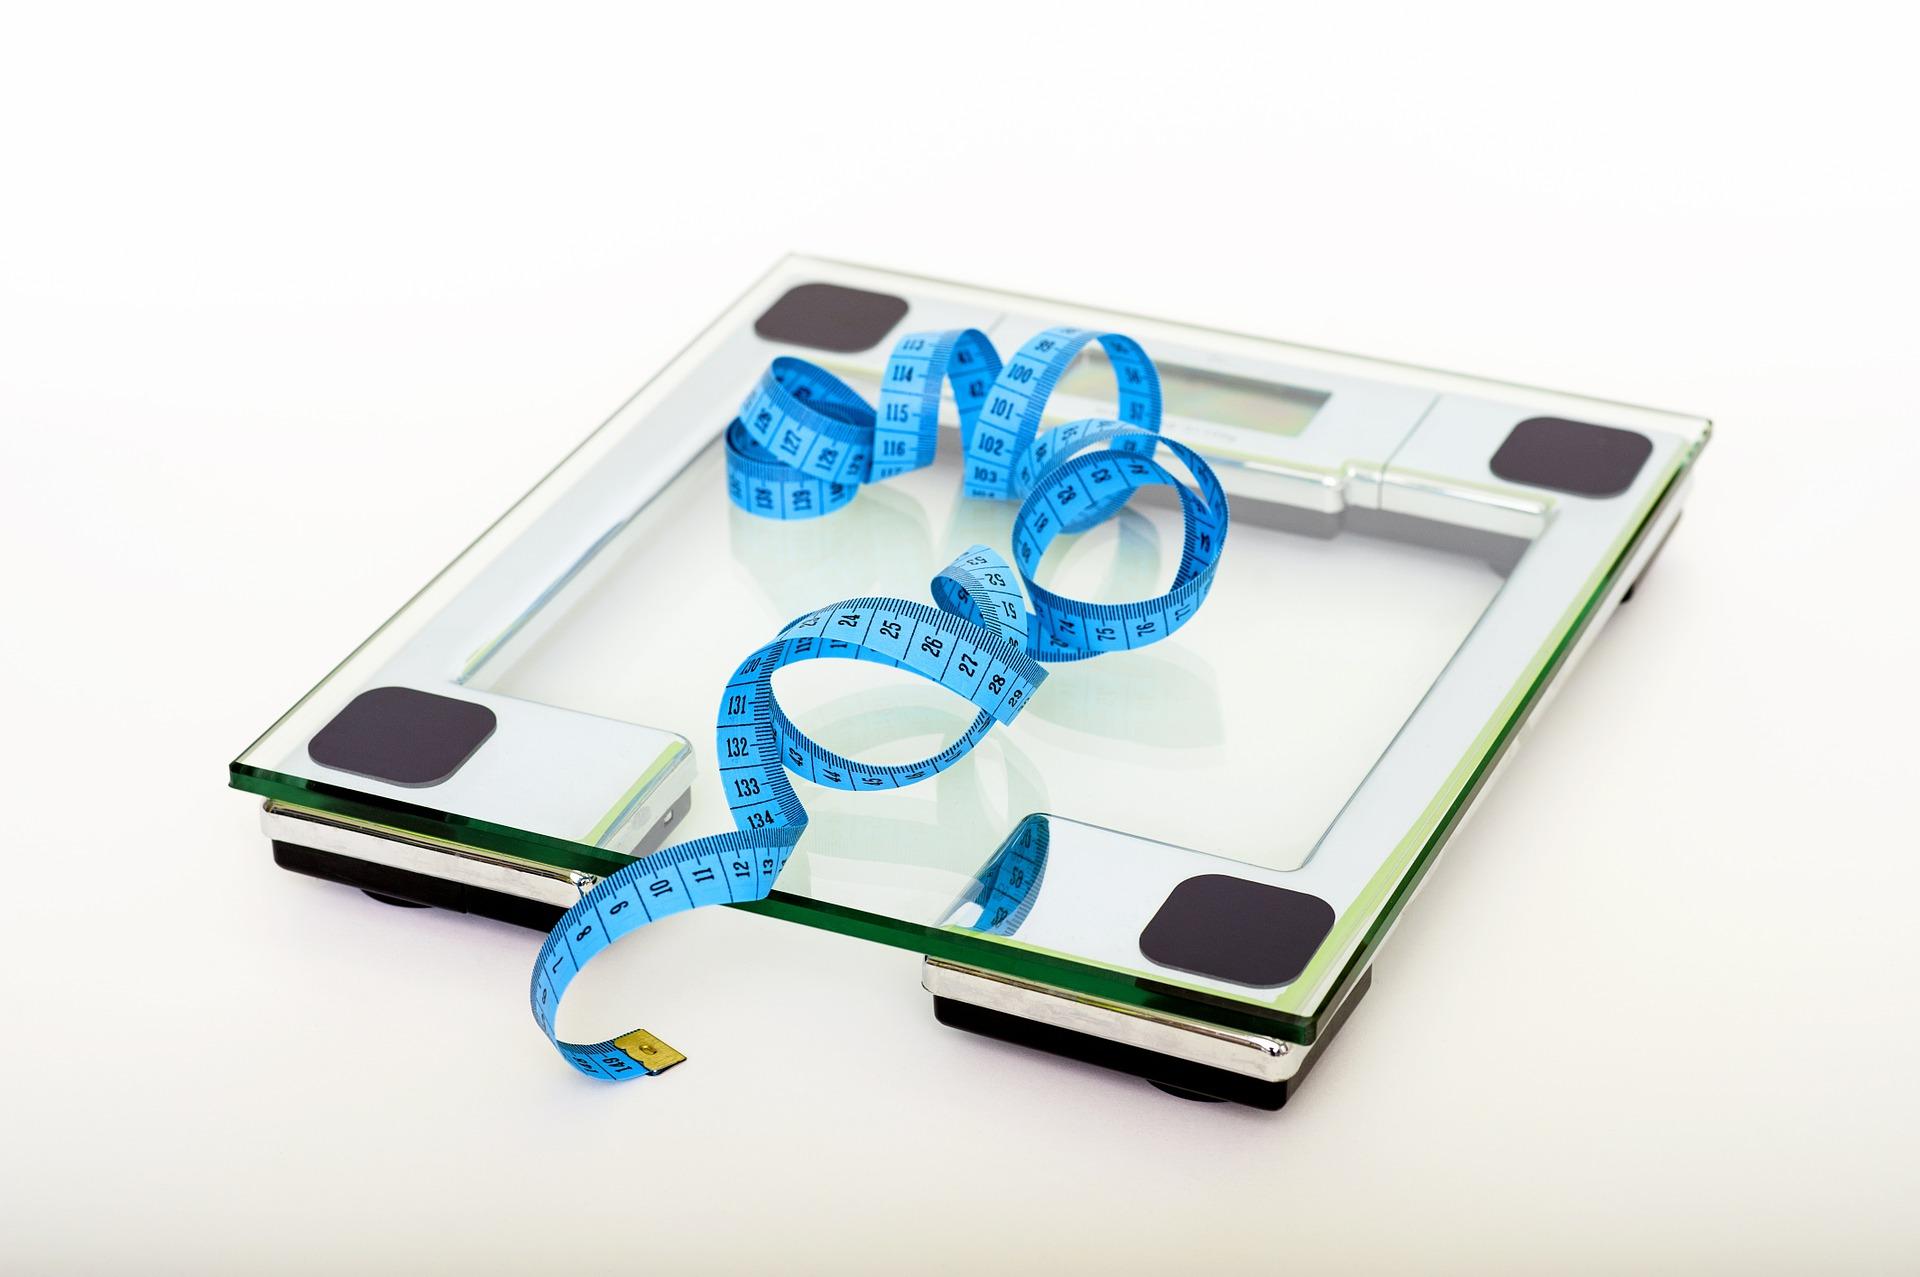 المرأة صاحبة الوزن الزائد أكثر عرضة لإنجاب أطفال بعيوب خلقية